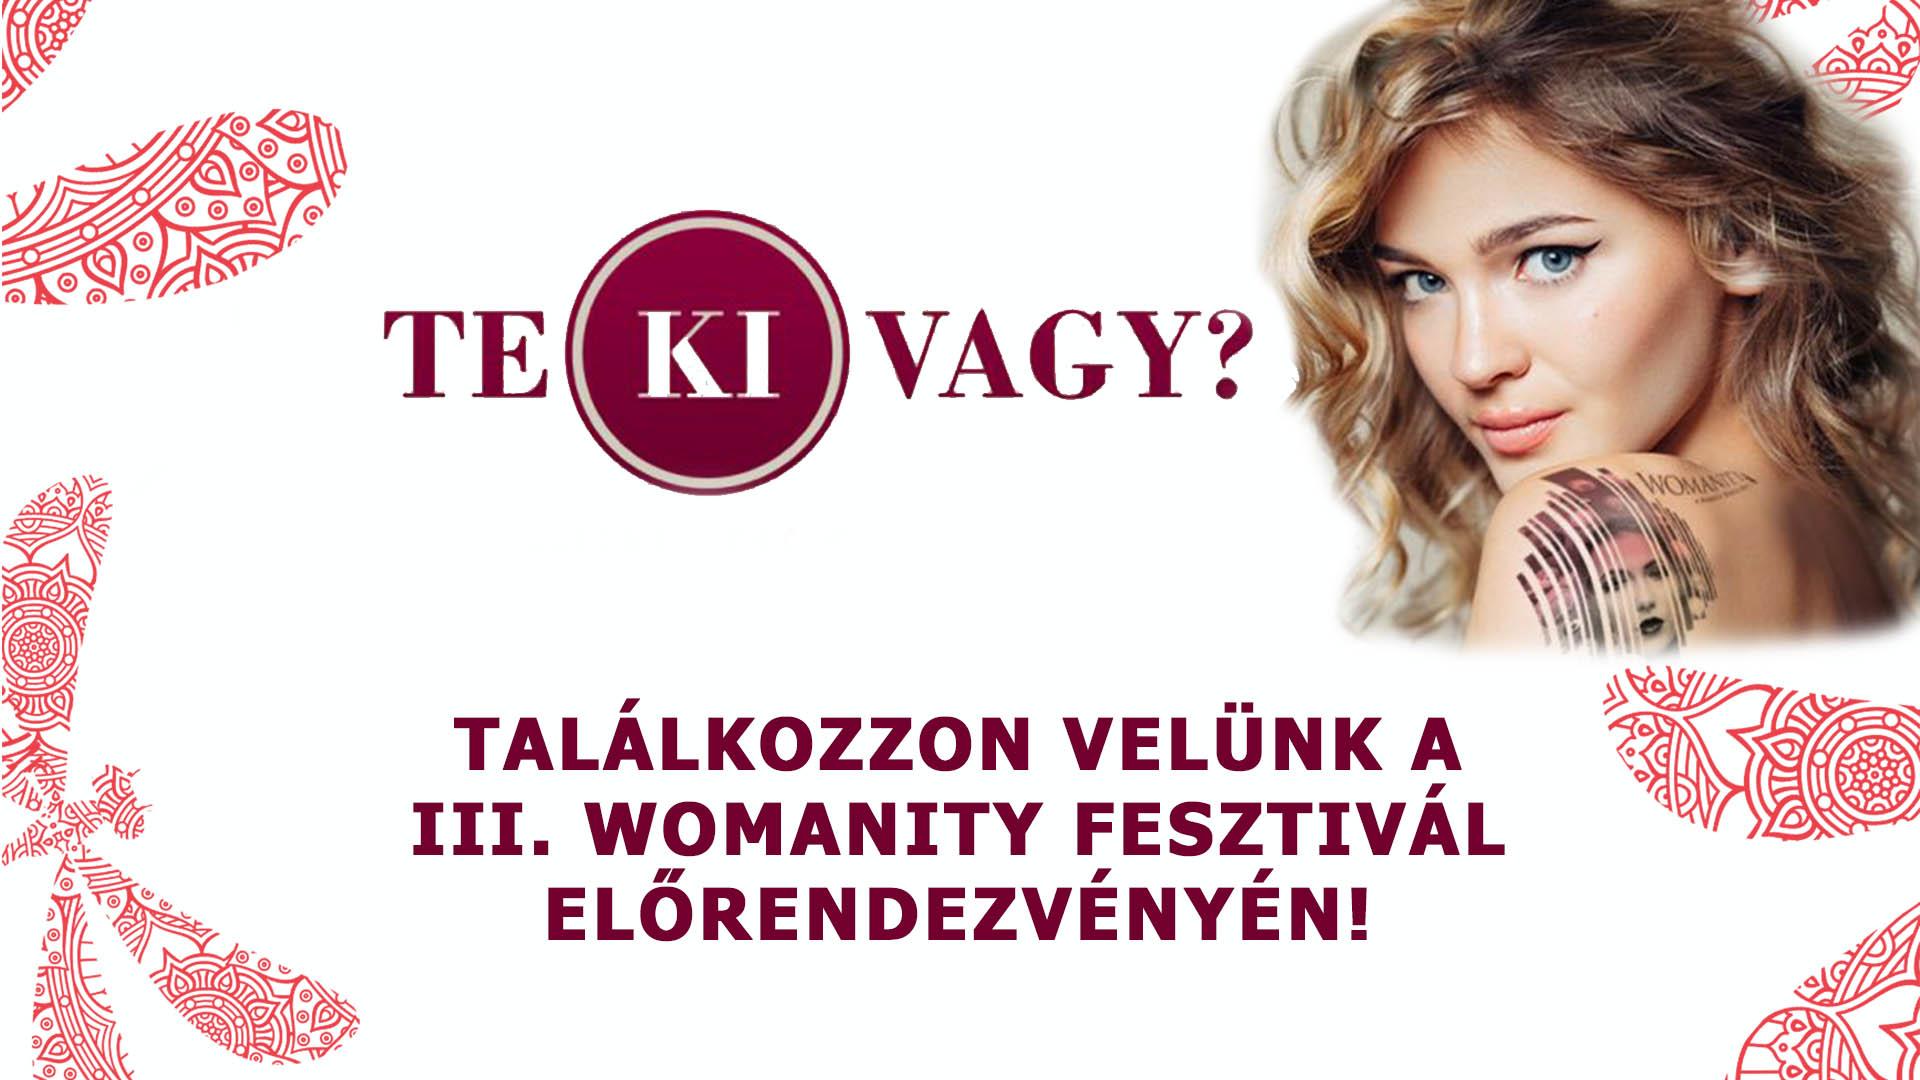 Találkozzon velünk a III. Womanity Fesztivál Előrendezvényén!